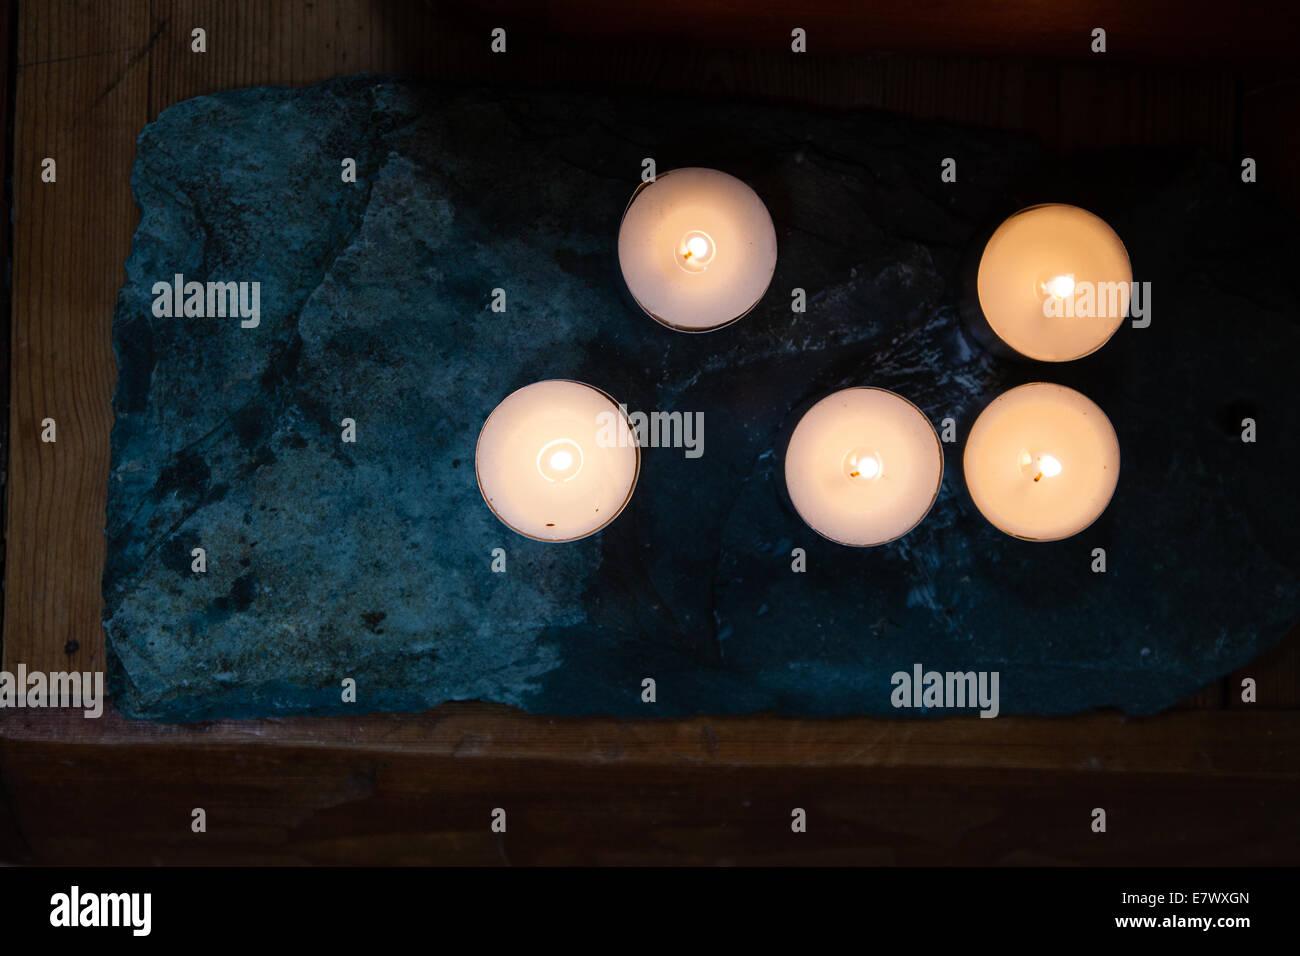 Kerzen strahlen ein warmes Glühen auf einem buddhistischen Schrein Stockfoto